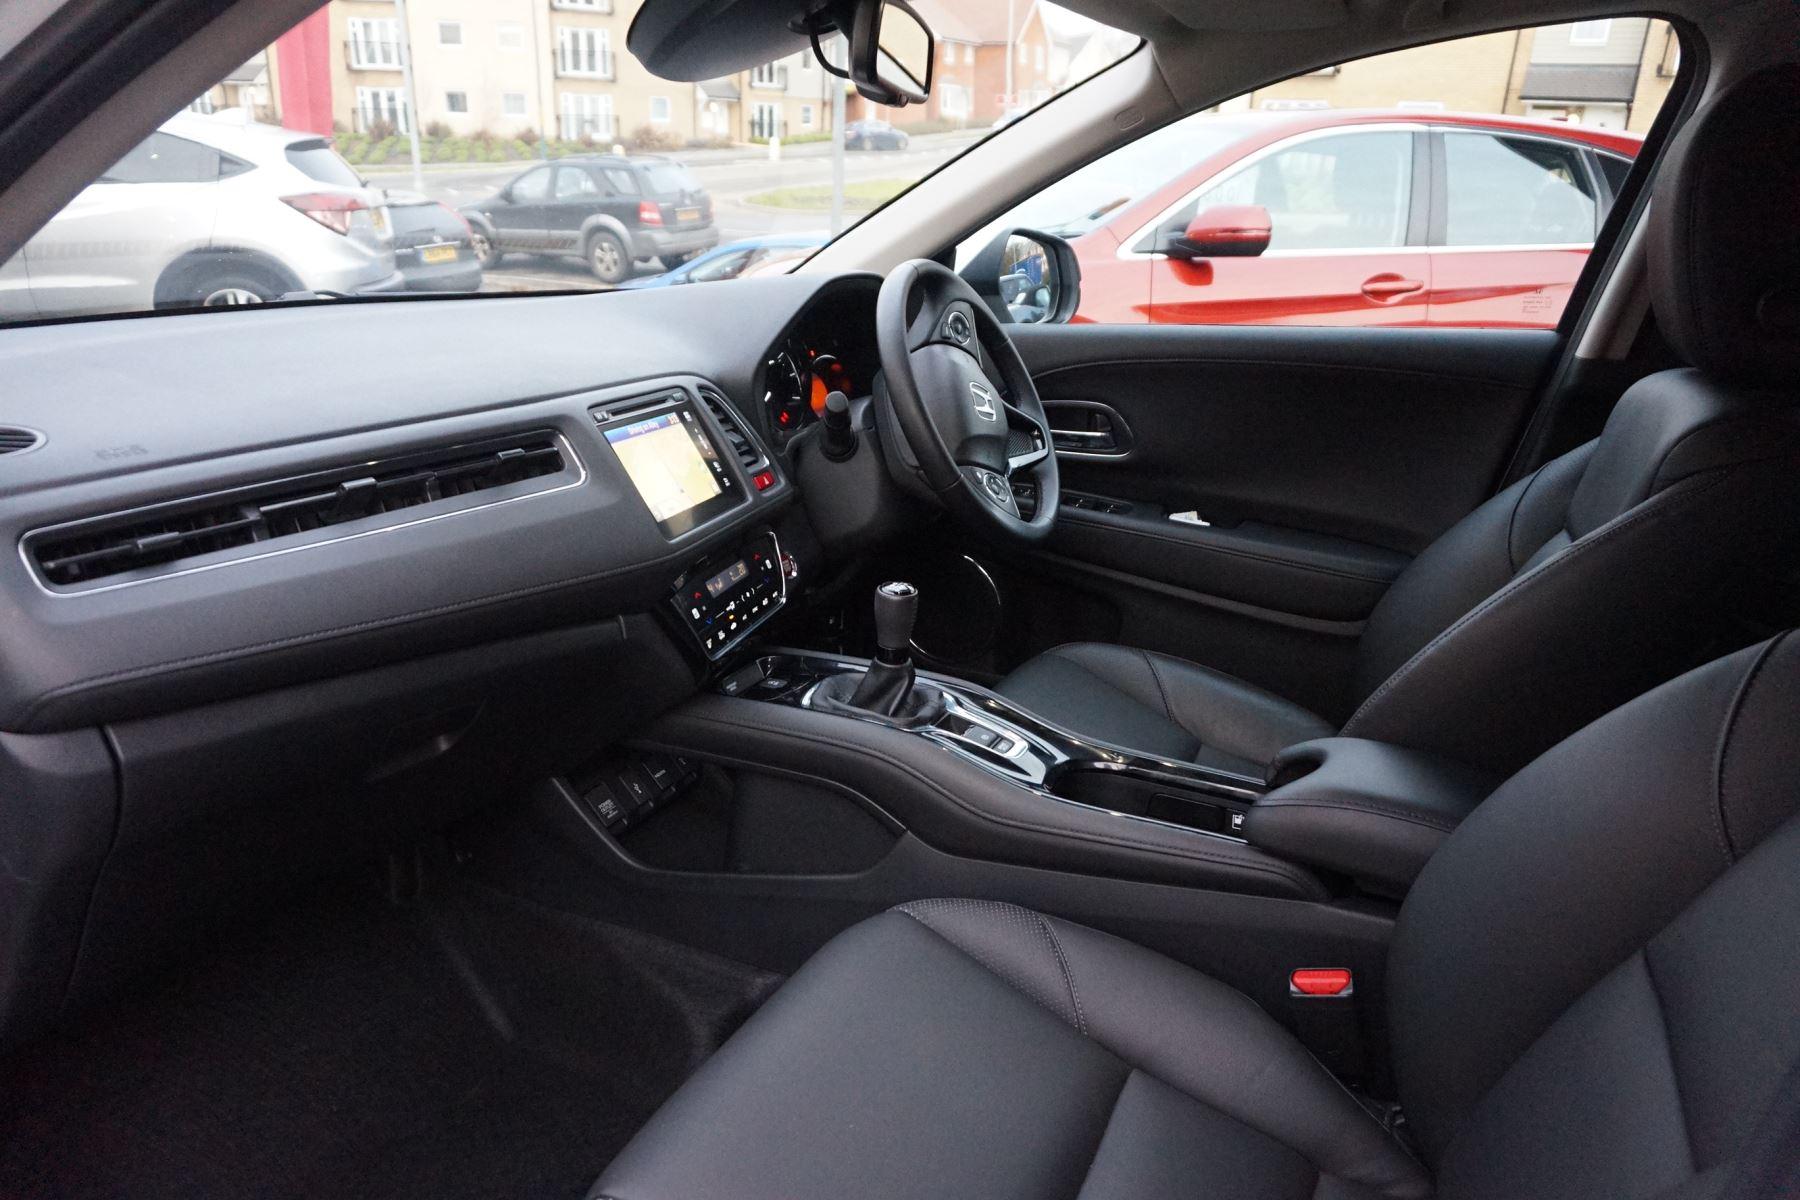 Honda HR-V 1.6 i-DTEC EX 5dr image 8